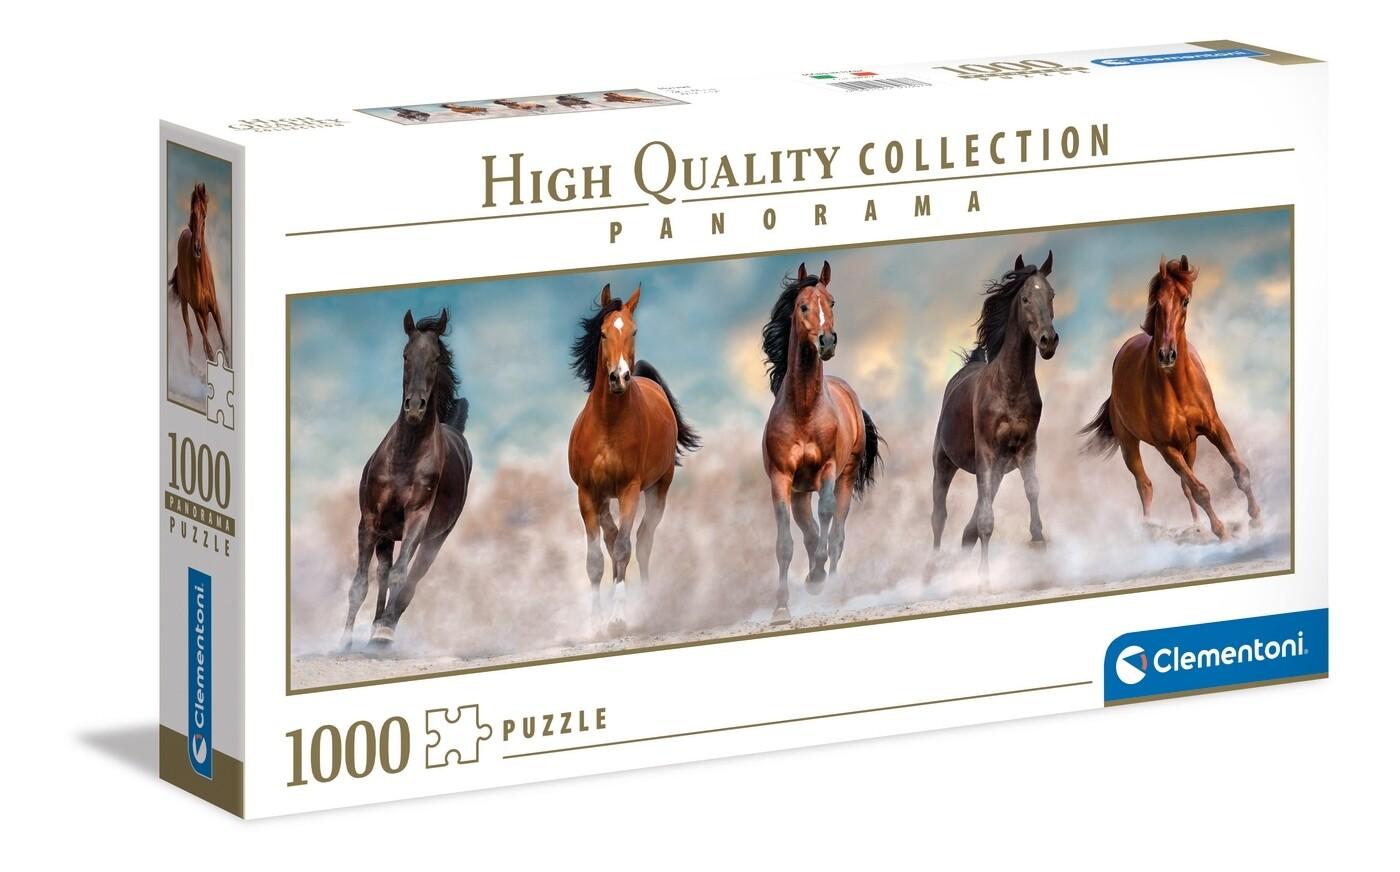 PUZZLE 1000 HQ Panorama - Cavalos - CLEMENTONI